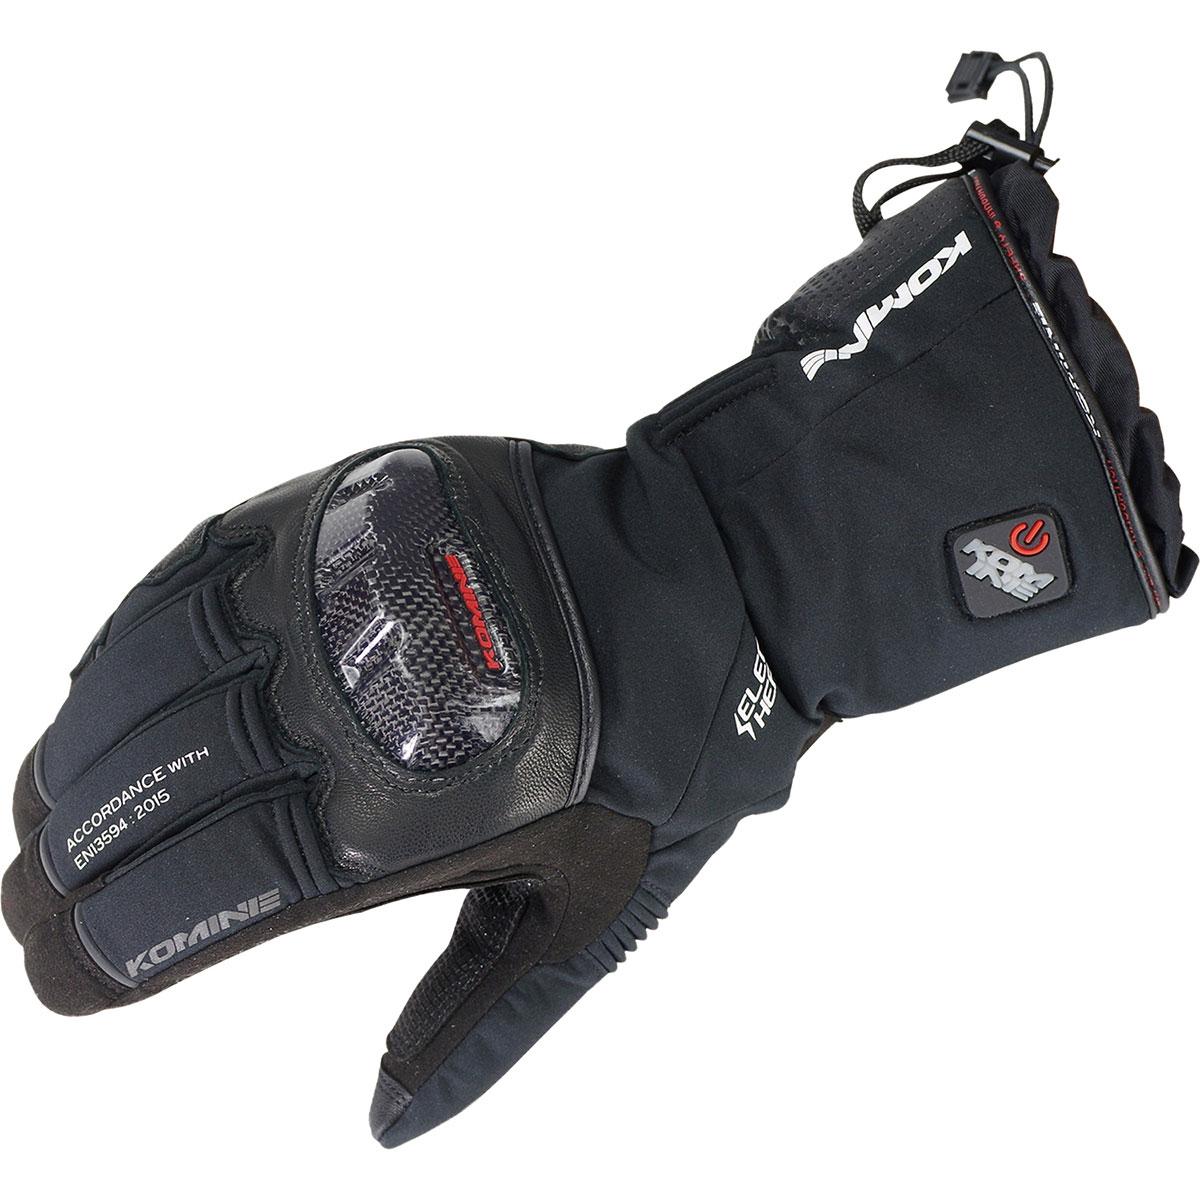 コミネ (Komine) バイク用 エレクトリック ヒートギア Electric heat gear 電熱 EK-200 カーボンプロテクトエレクトリックグローブ ブラック 黒 2XLサイズ 08-200/BK/2XL